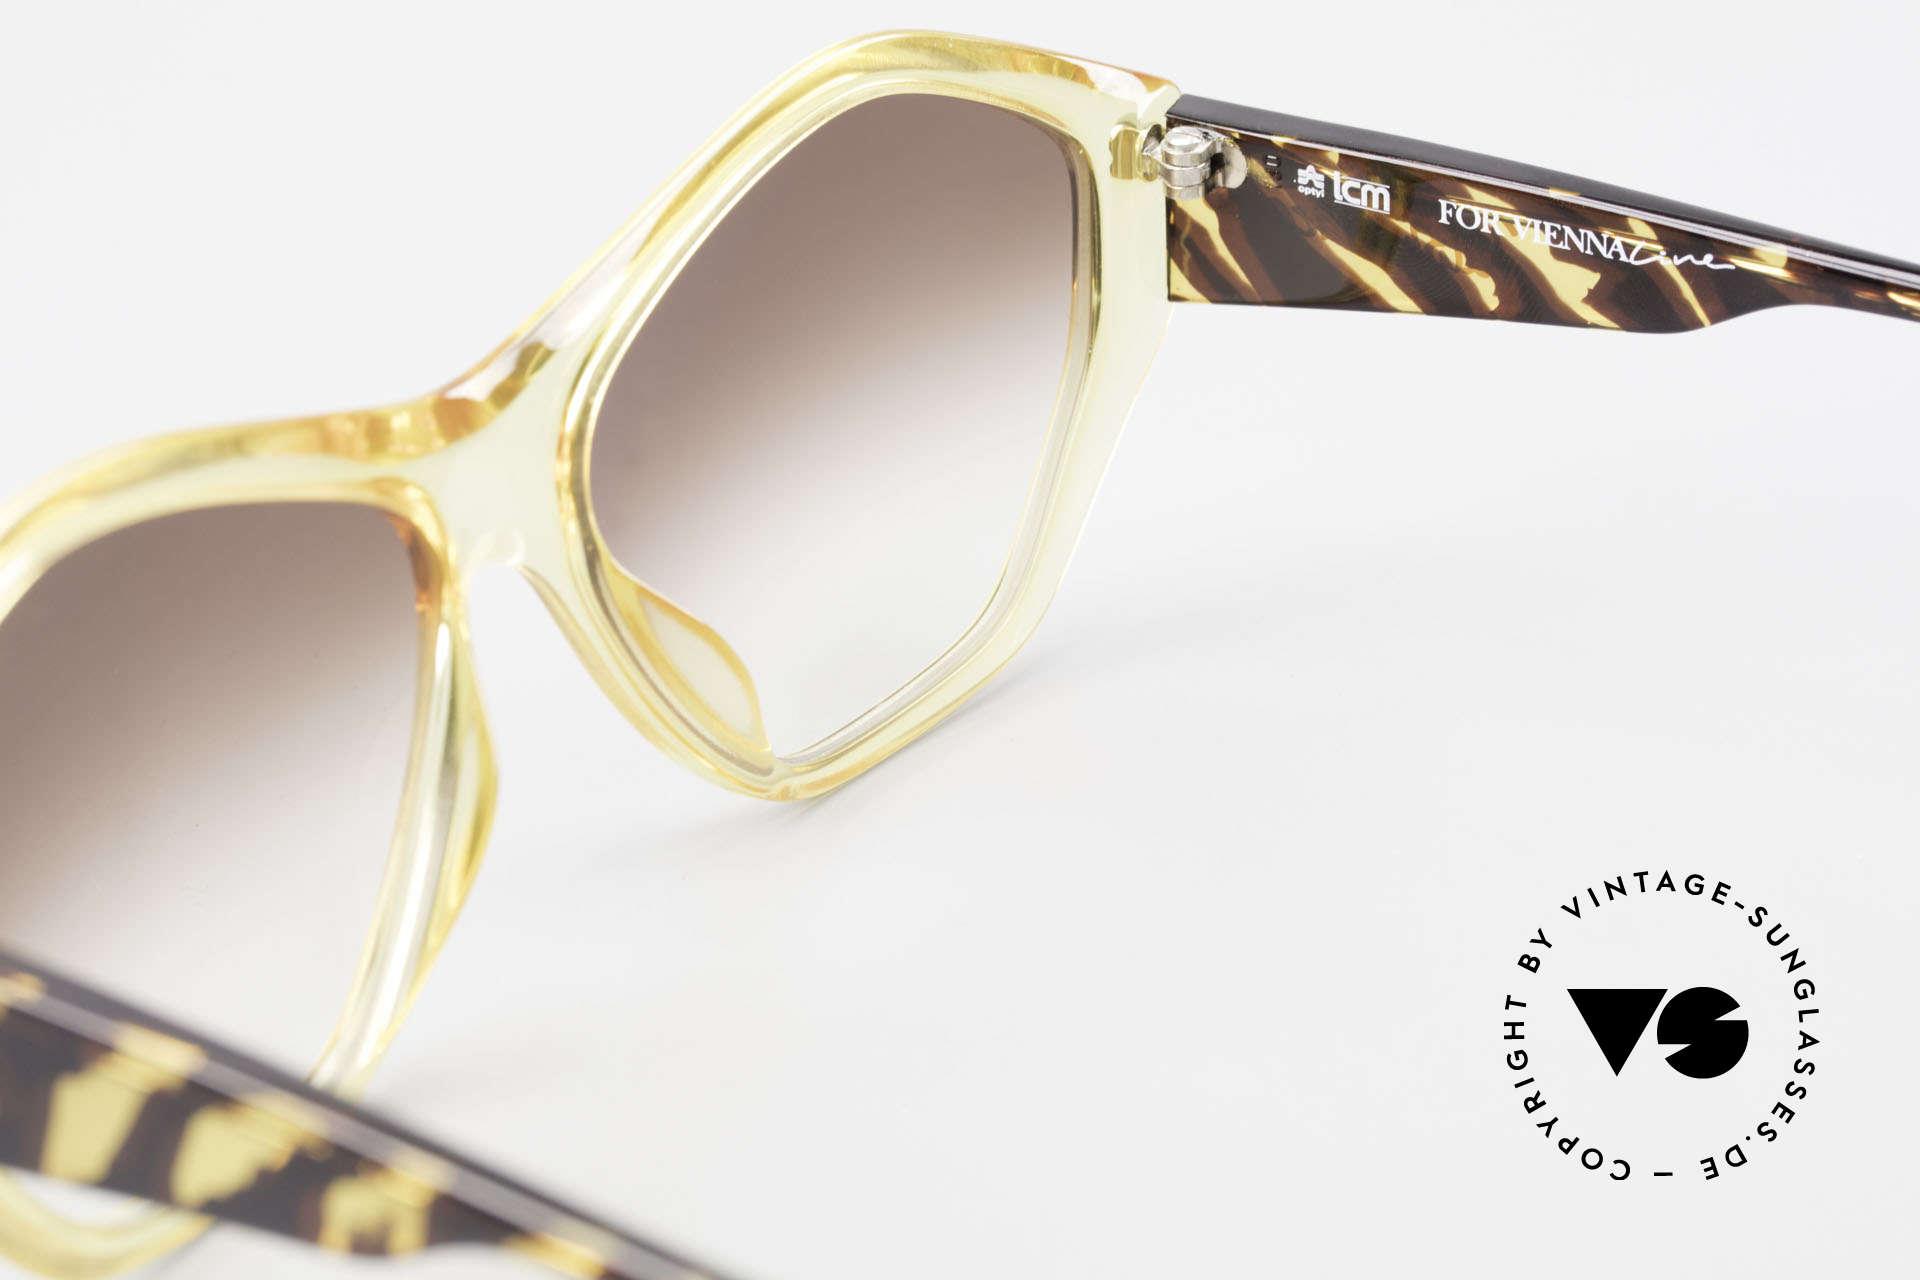 Paloma Picasso 1463 Optyl Sonnenbrille 90er Damen, Keine Reproduktion, sondern ein stolzes Original!, Passend für Damen